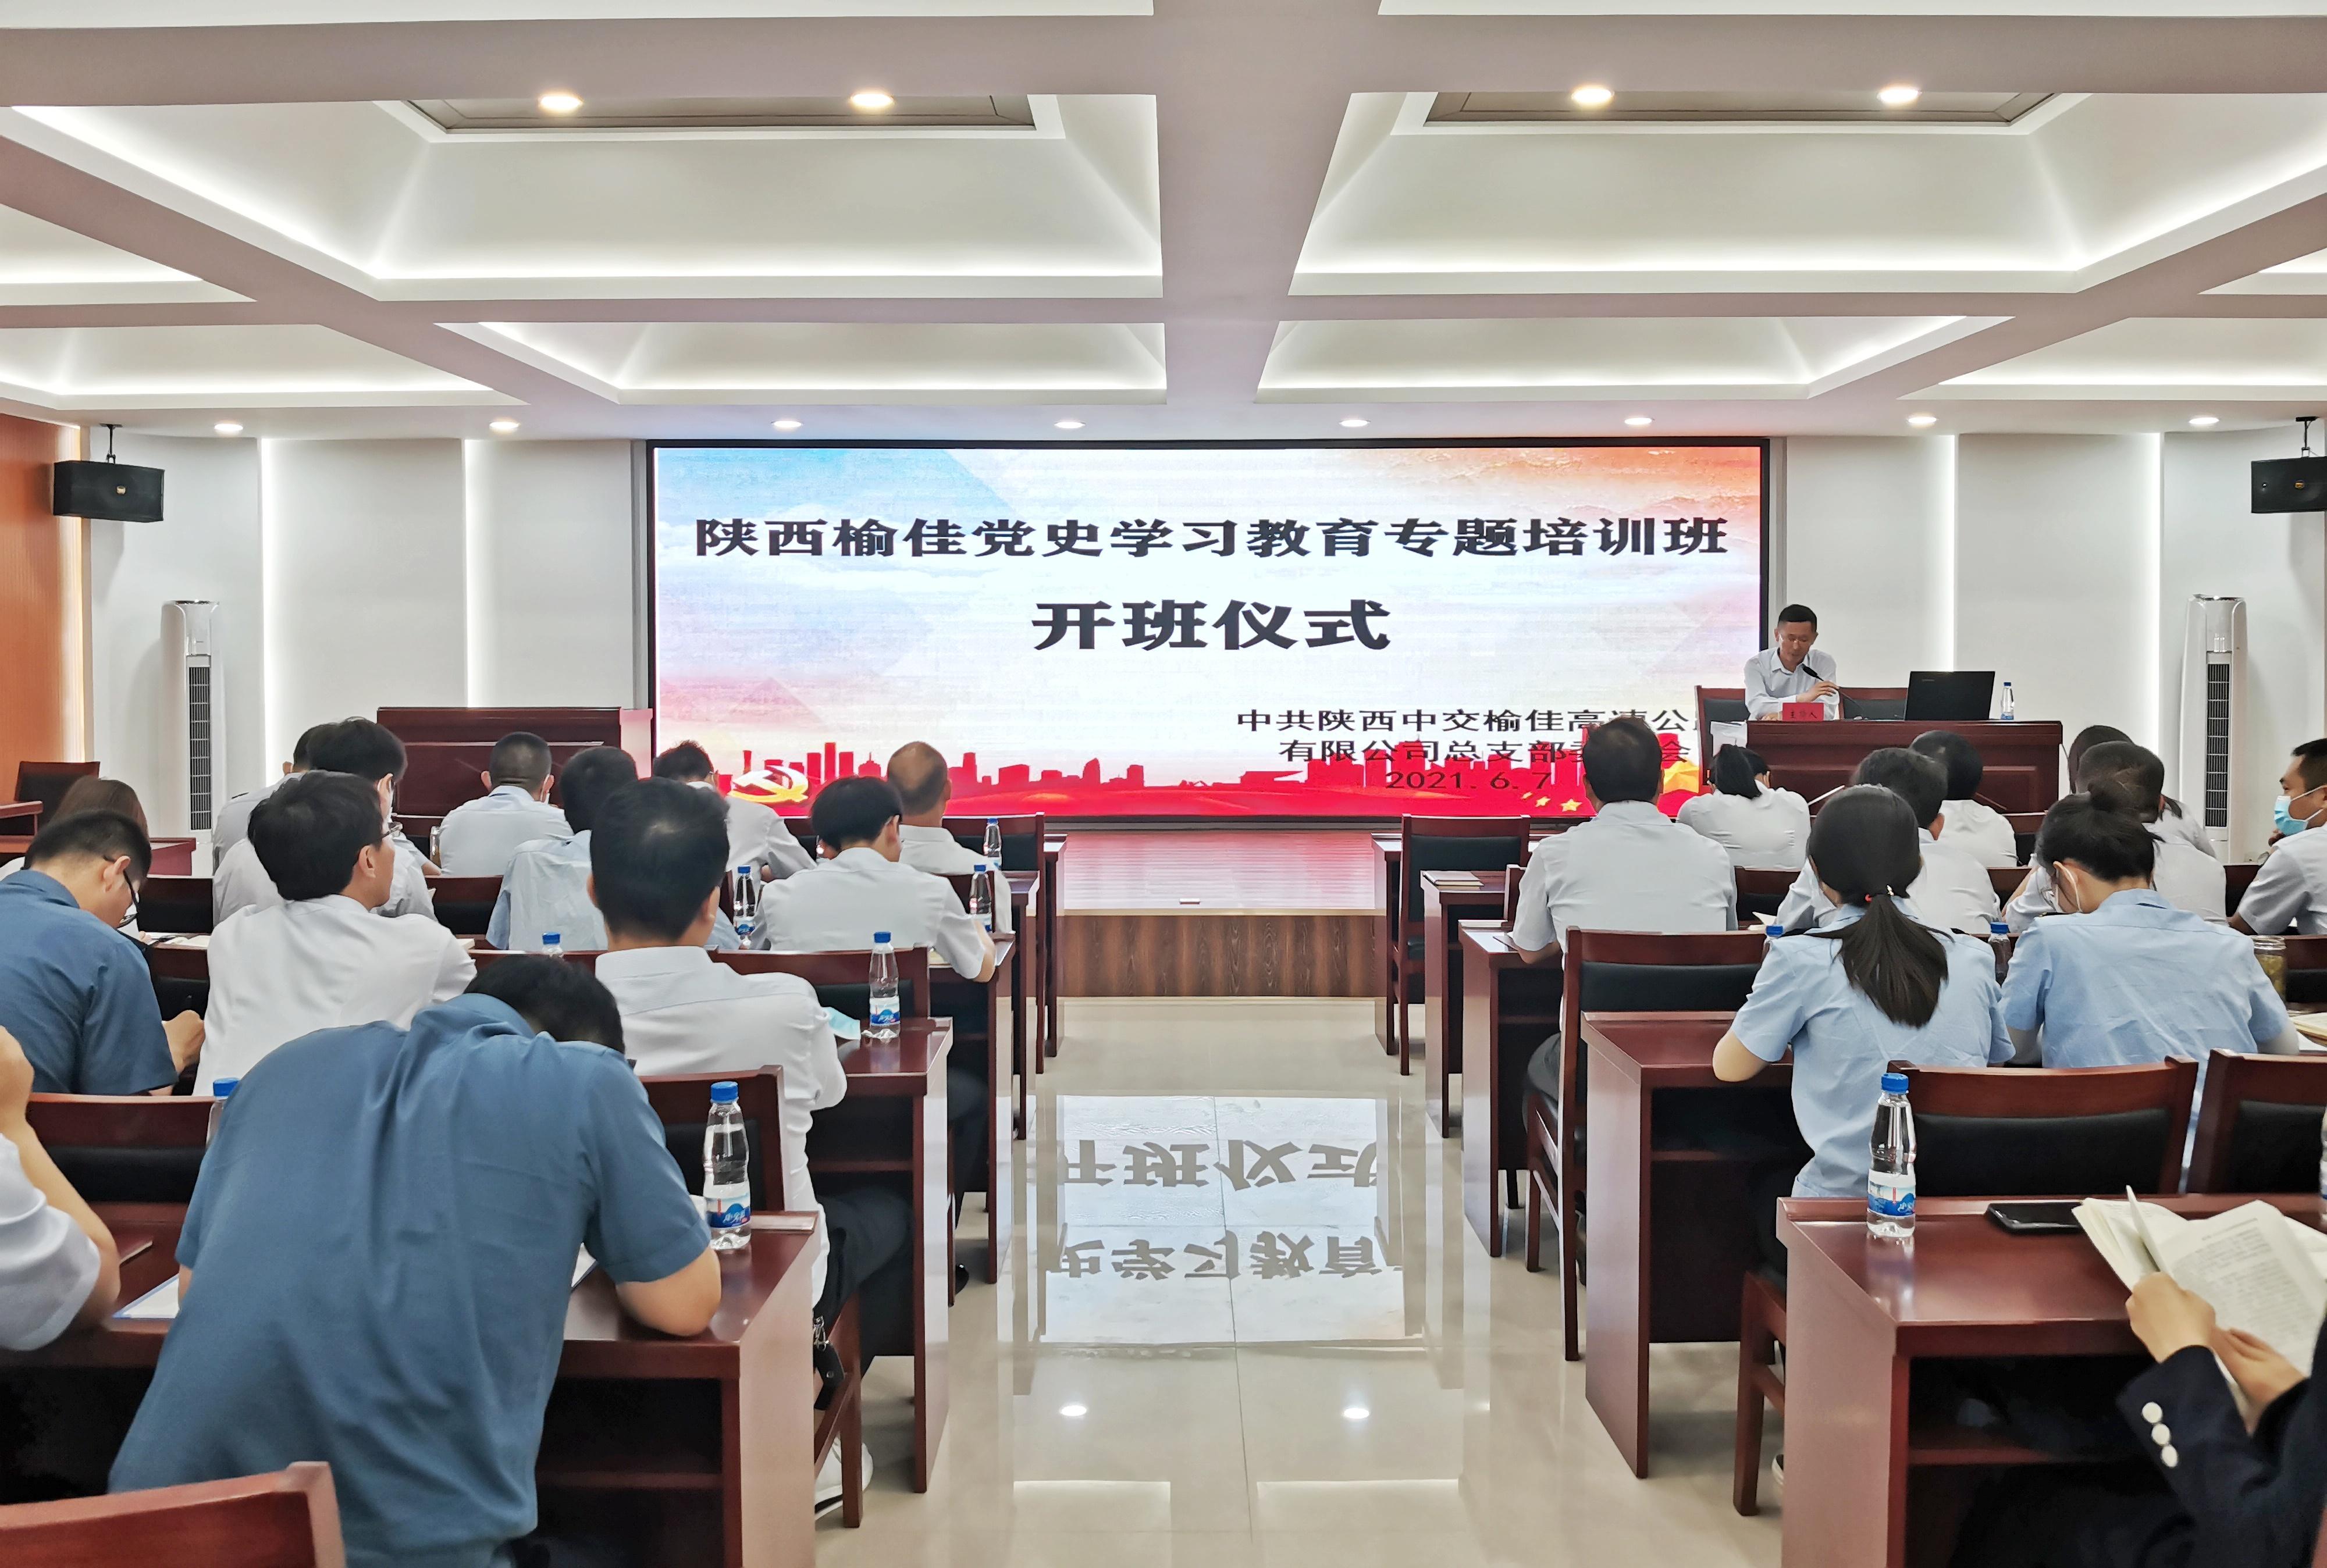 陜西榆佳黨總支舉辦黨史學習教育專題培訓班